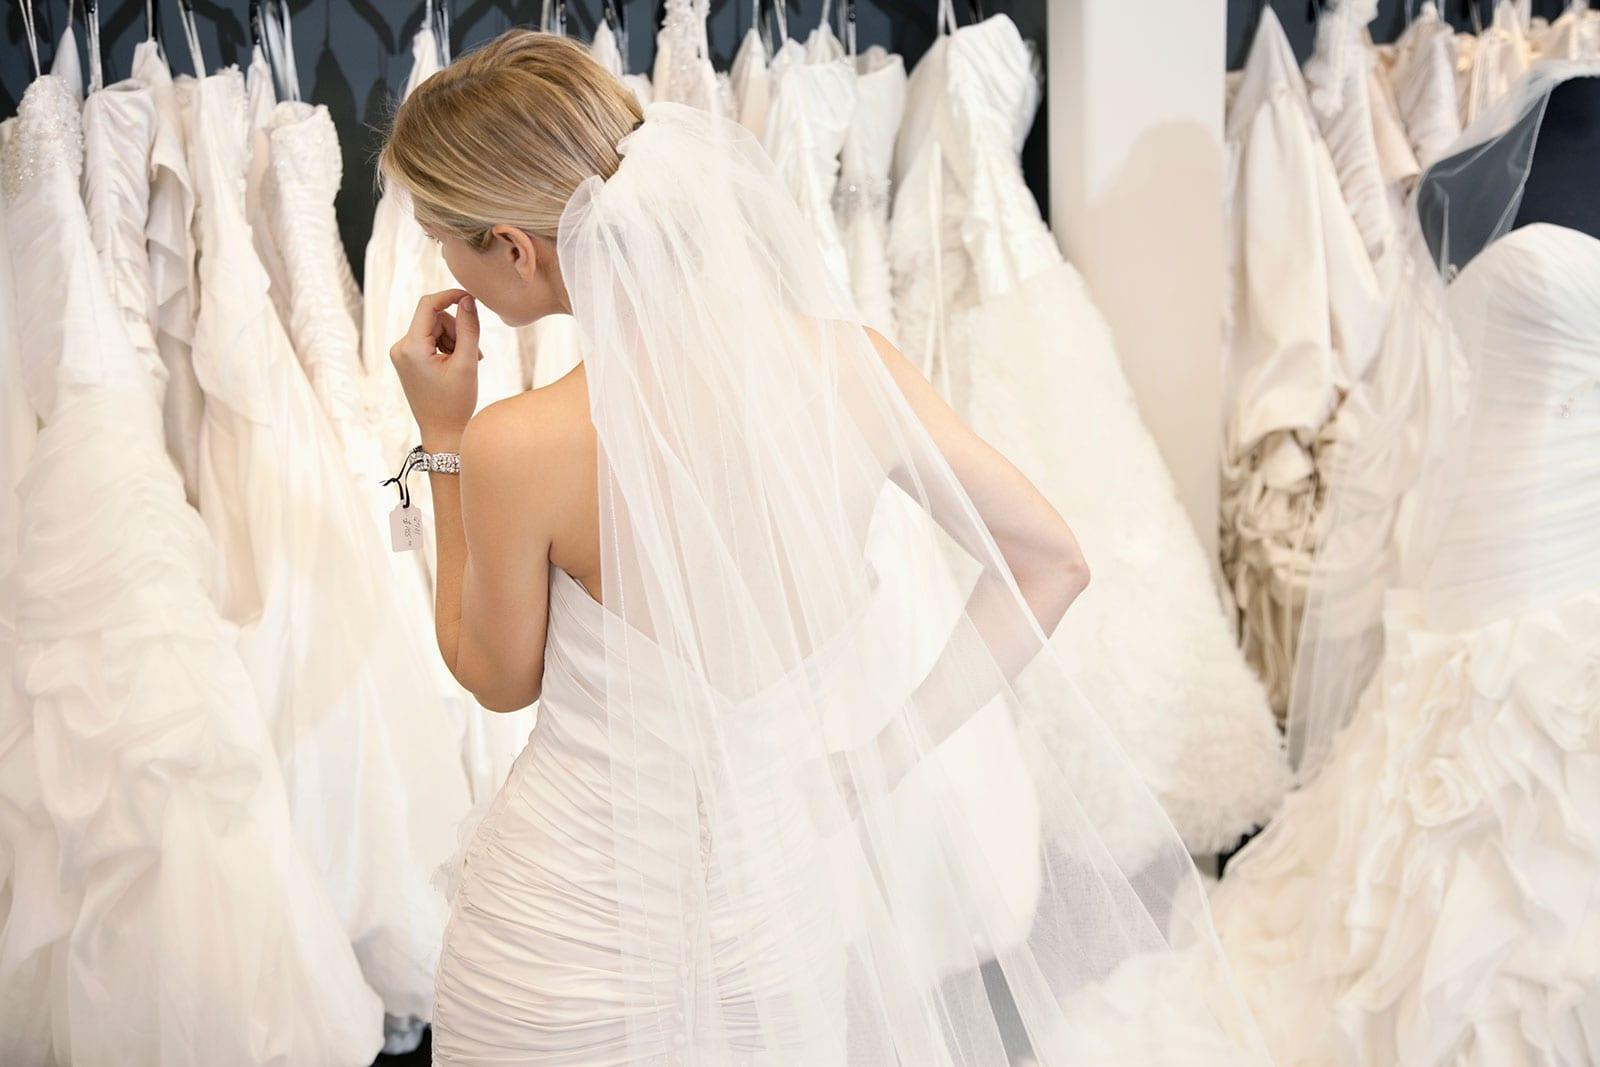 בחורה בשמלת כלה מסתכלת על שמלות כלה